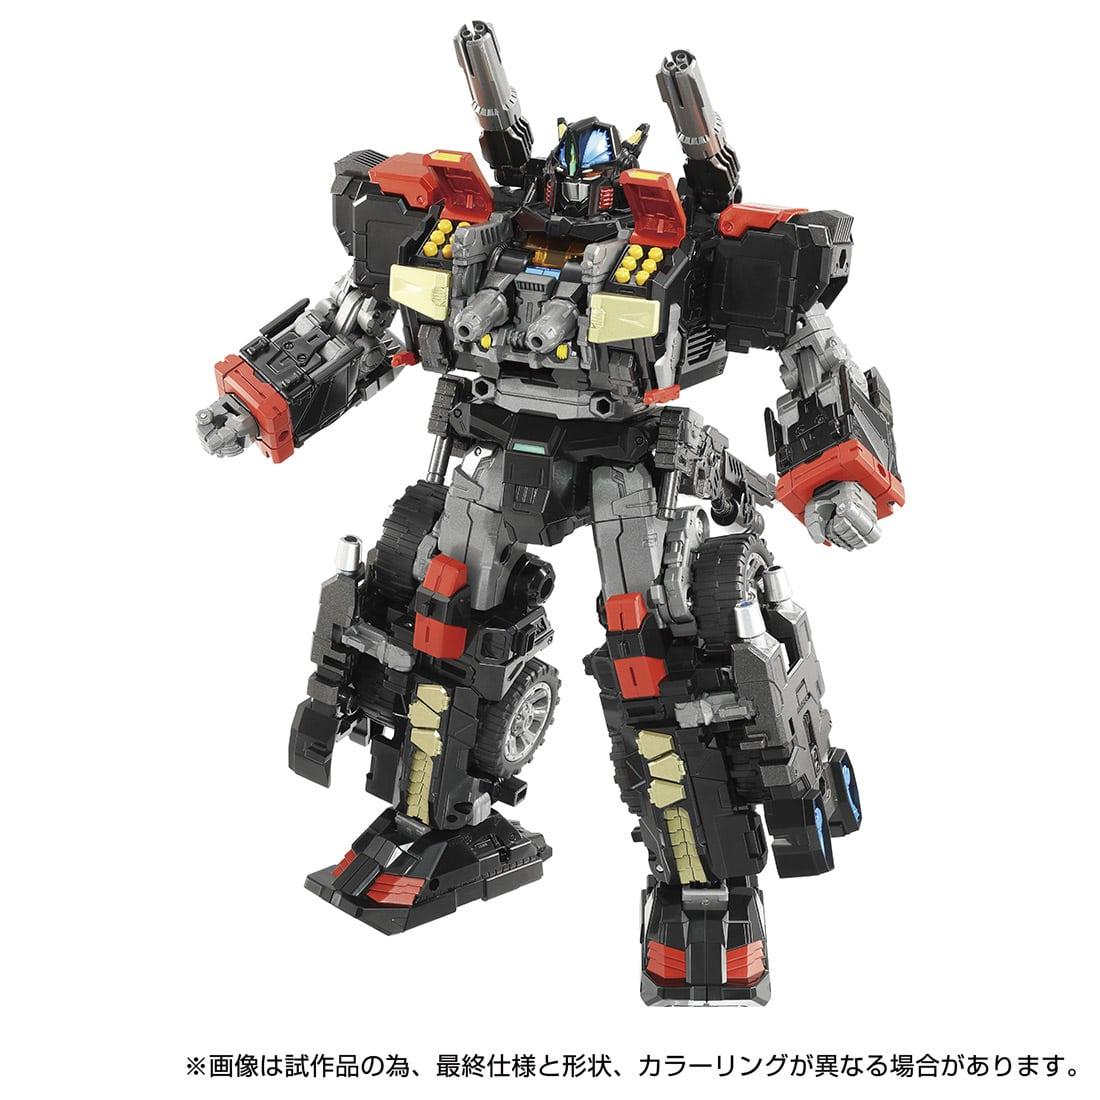 【限定販売】ダイアクロン『DA-79 バトルコンボイ V-SHADOW』可動フィギュア-008